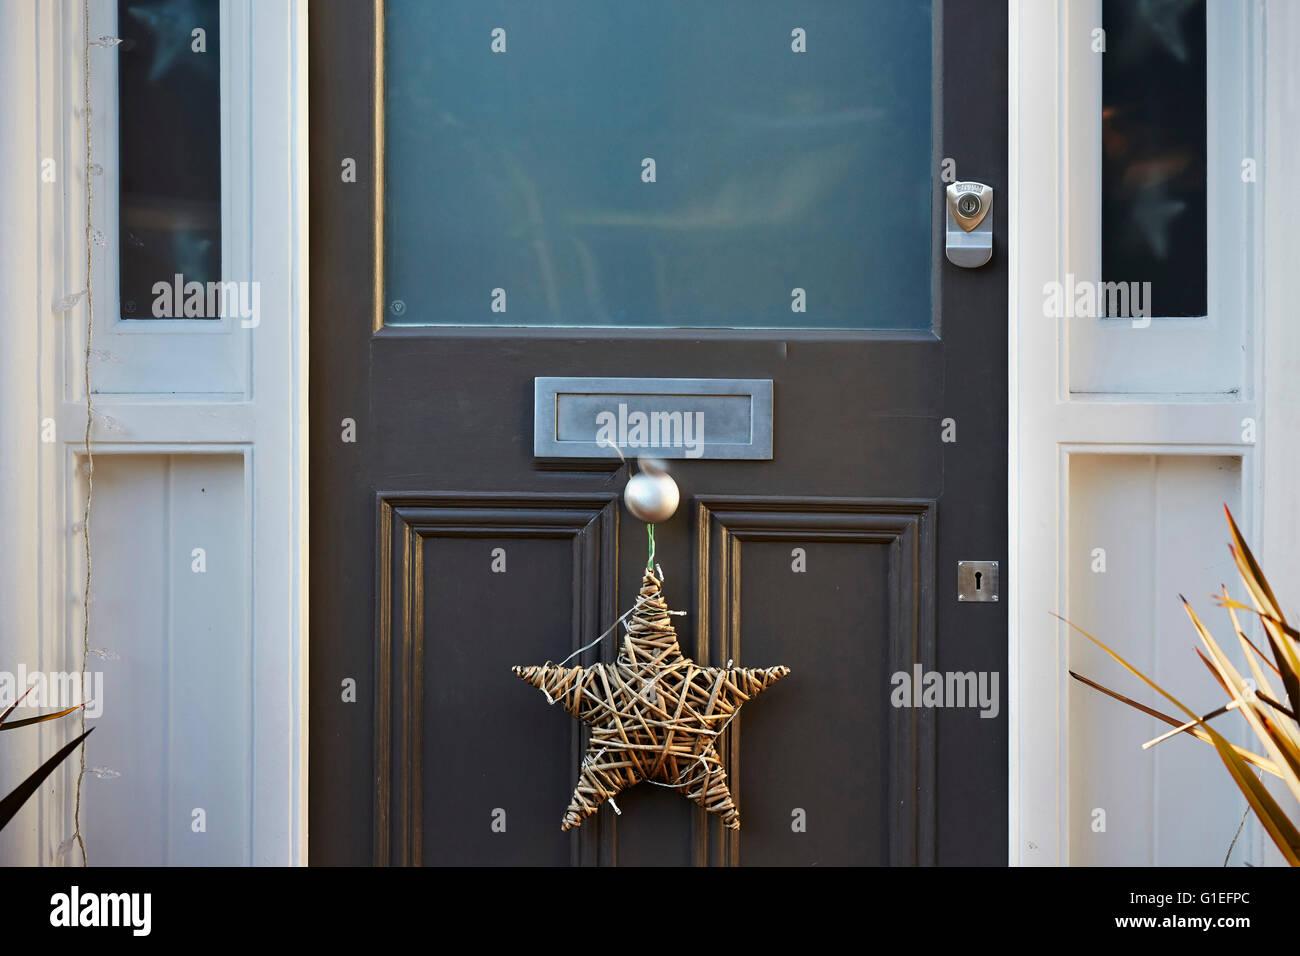 Weihnachtsgirlande an Tür. Sterne geformten Kranz von Türklinke hängen. Stockbild